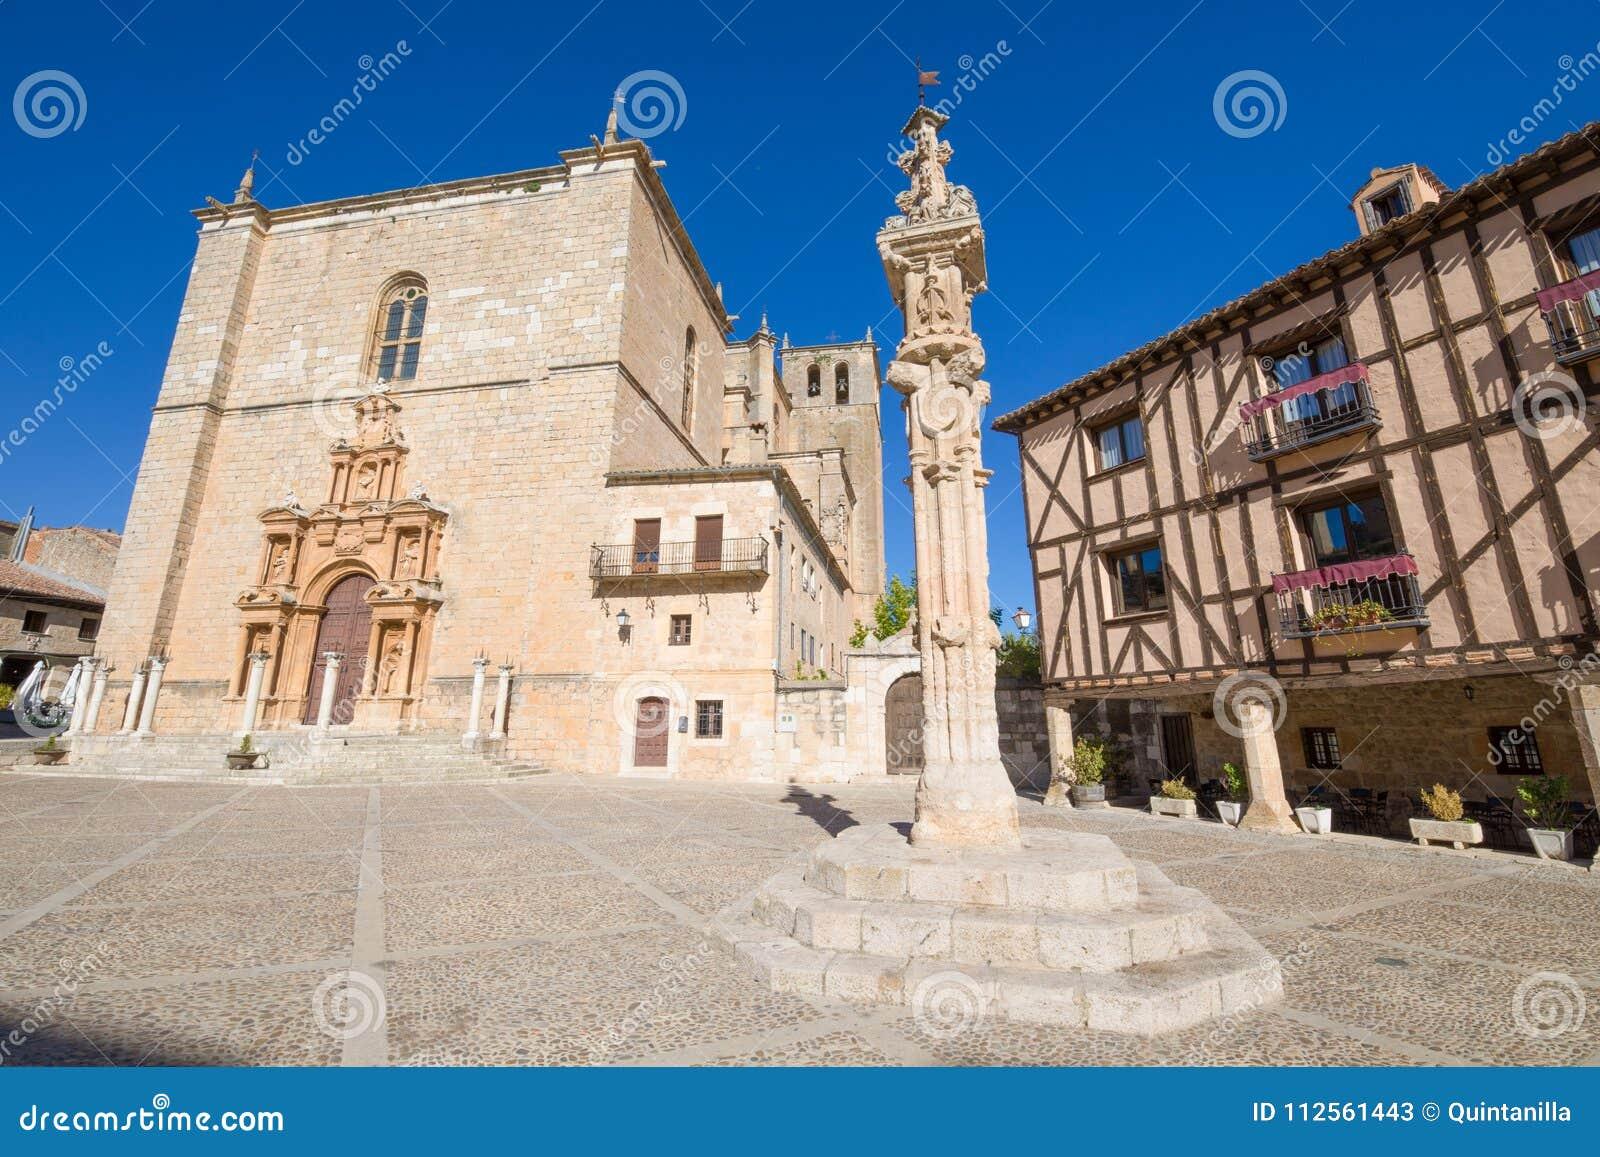 Штендер суда в главной площади Penaranda de Duero